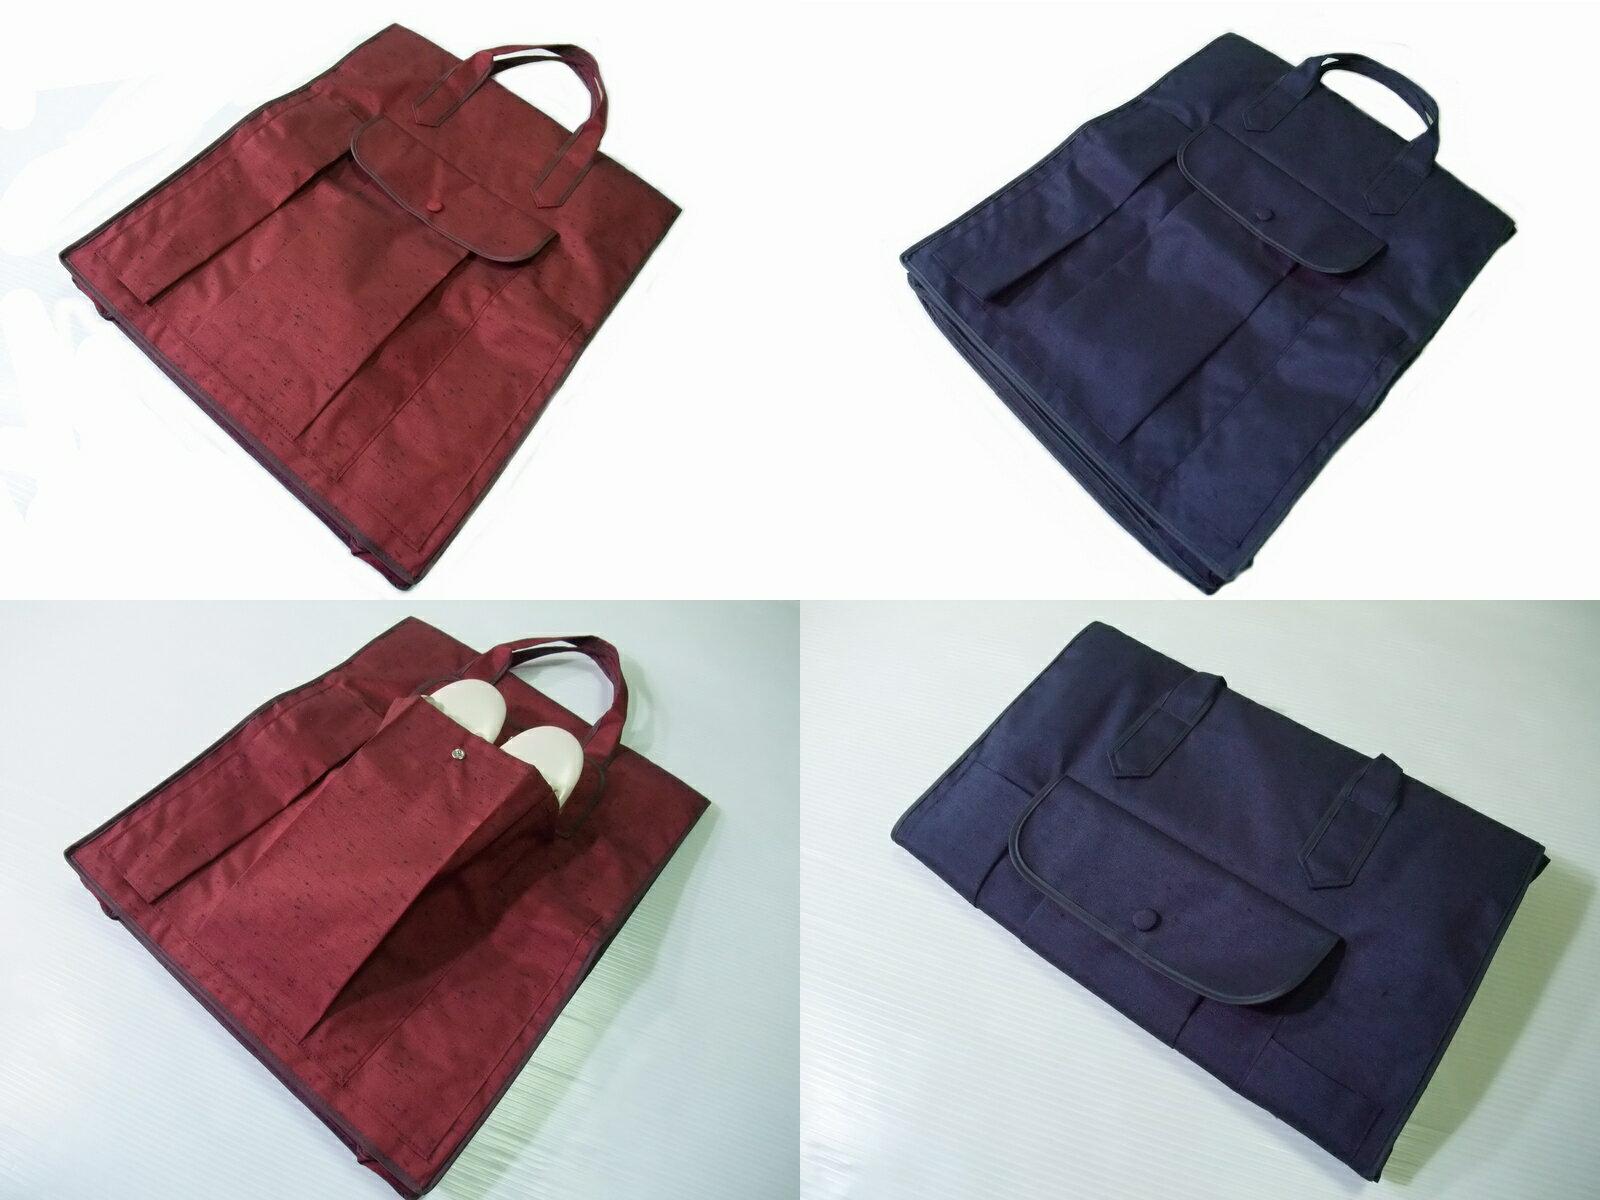 着物 収納 バッグ コンパクトでお出かけにも便利です 新品 ws021c